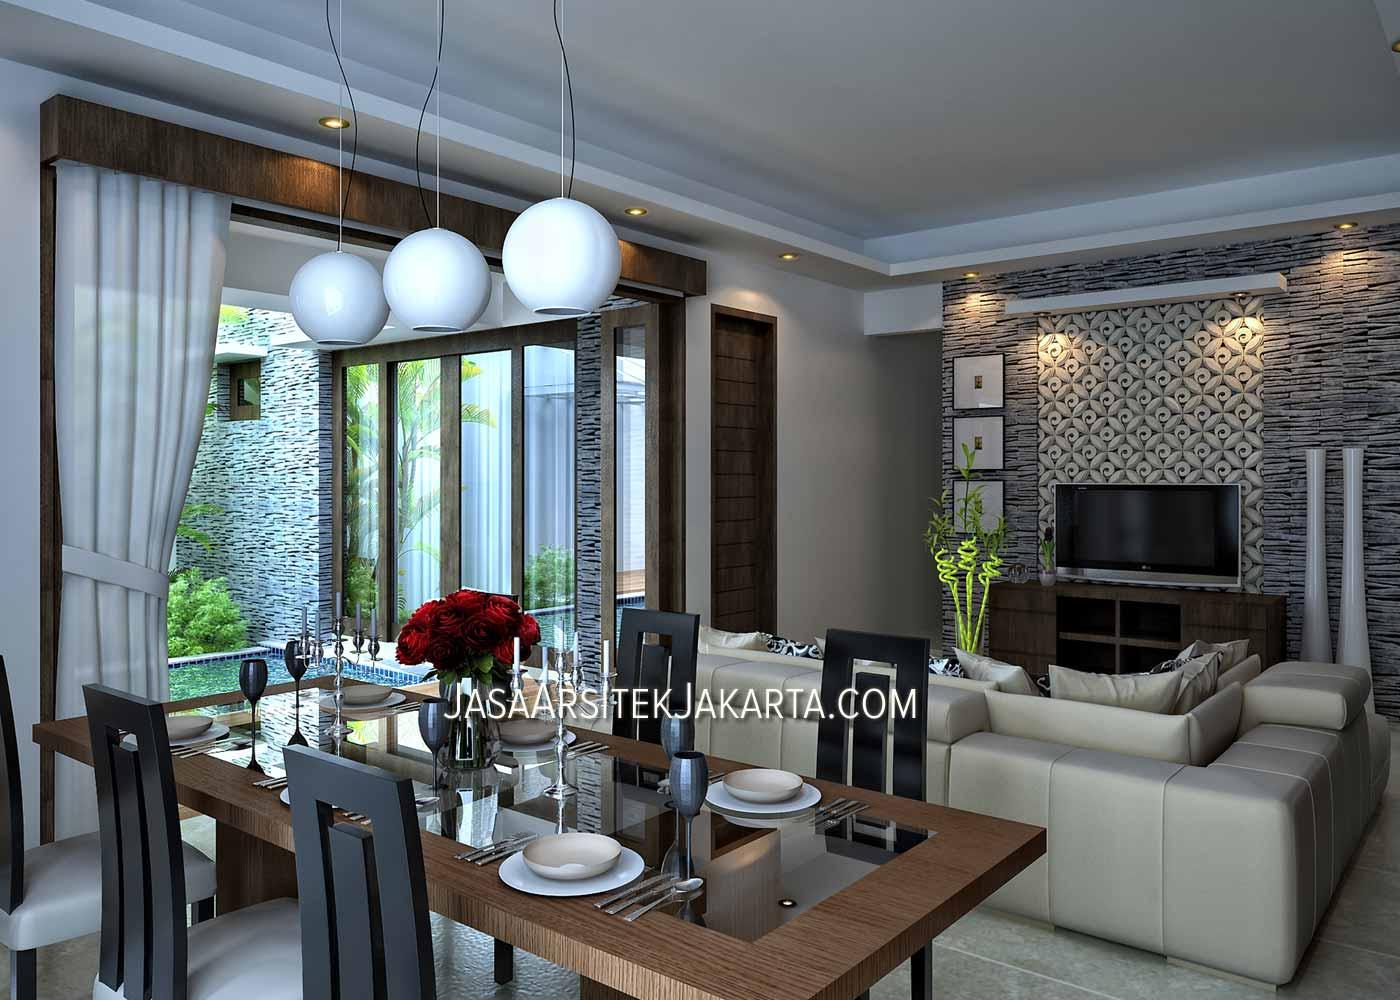 desain rumah 4 kamar luas 330 m2 bp nurdin jasa arsitek